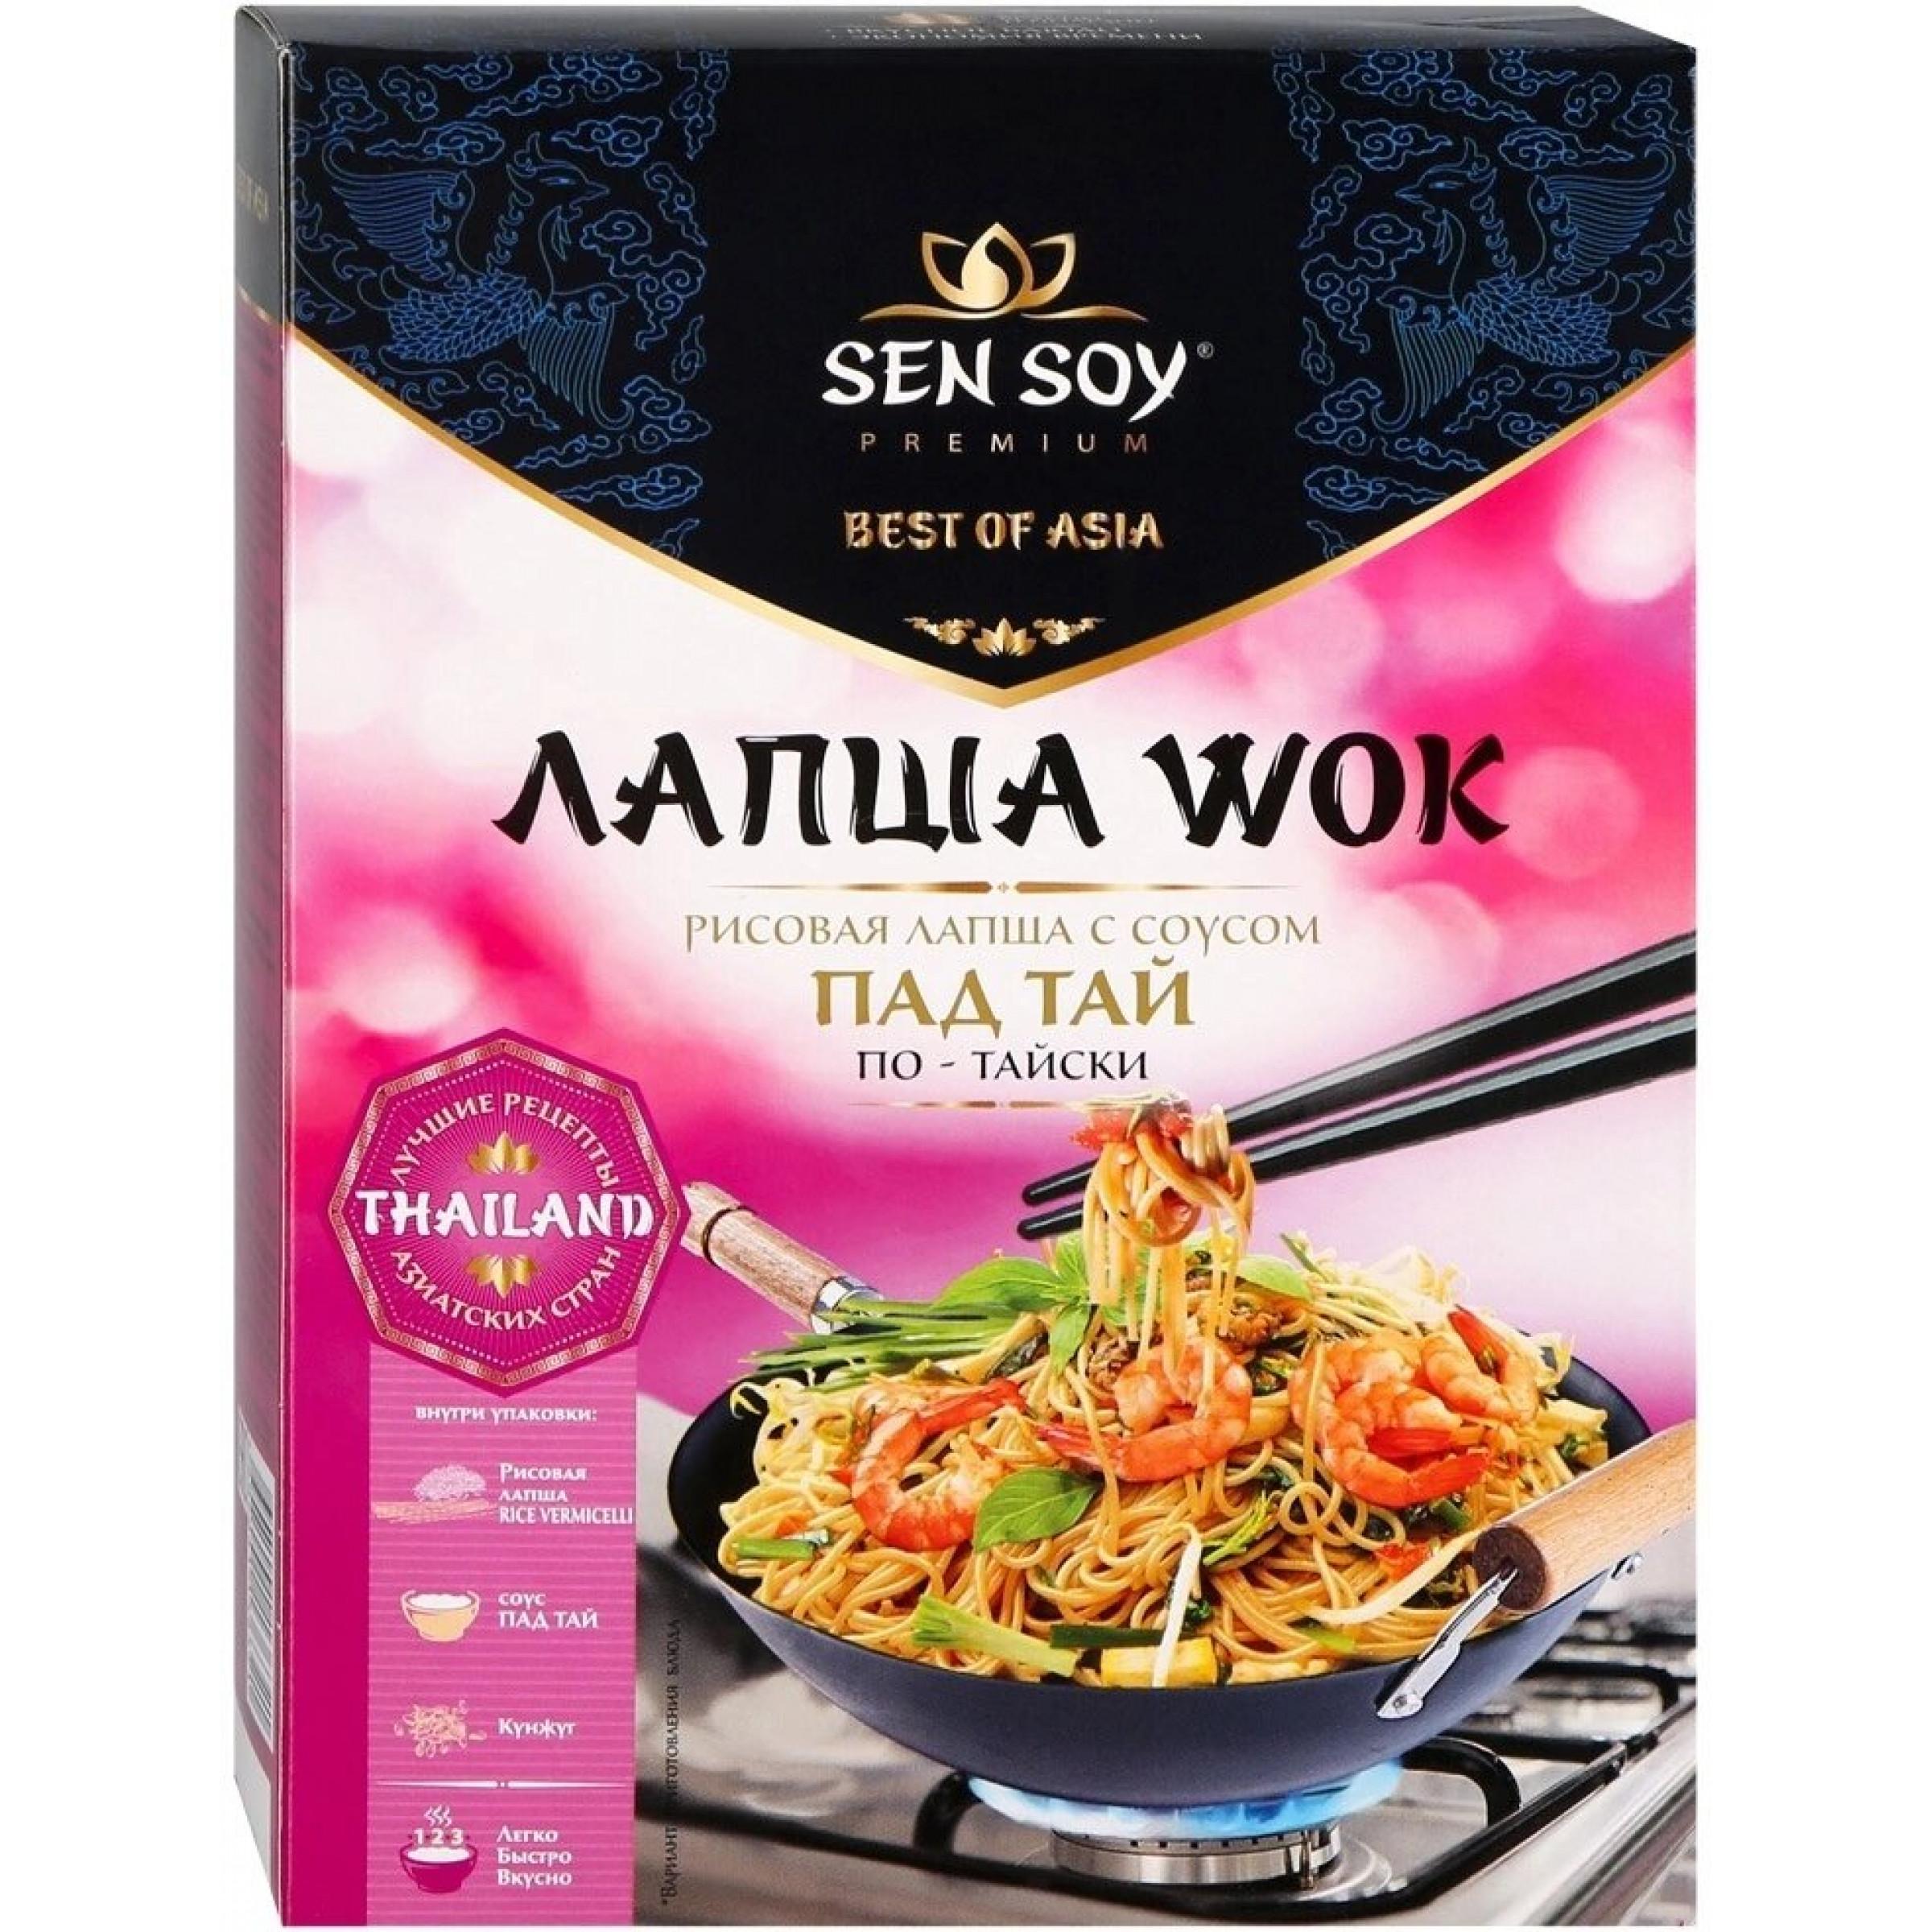 Набор для WOK по-тайски ПАД ТАЙ: Лапша рисовая с соусом Pad Thai Сэн Сой Премиум, 235 гр